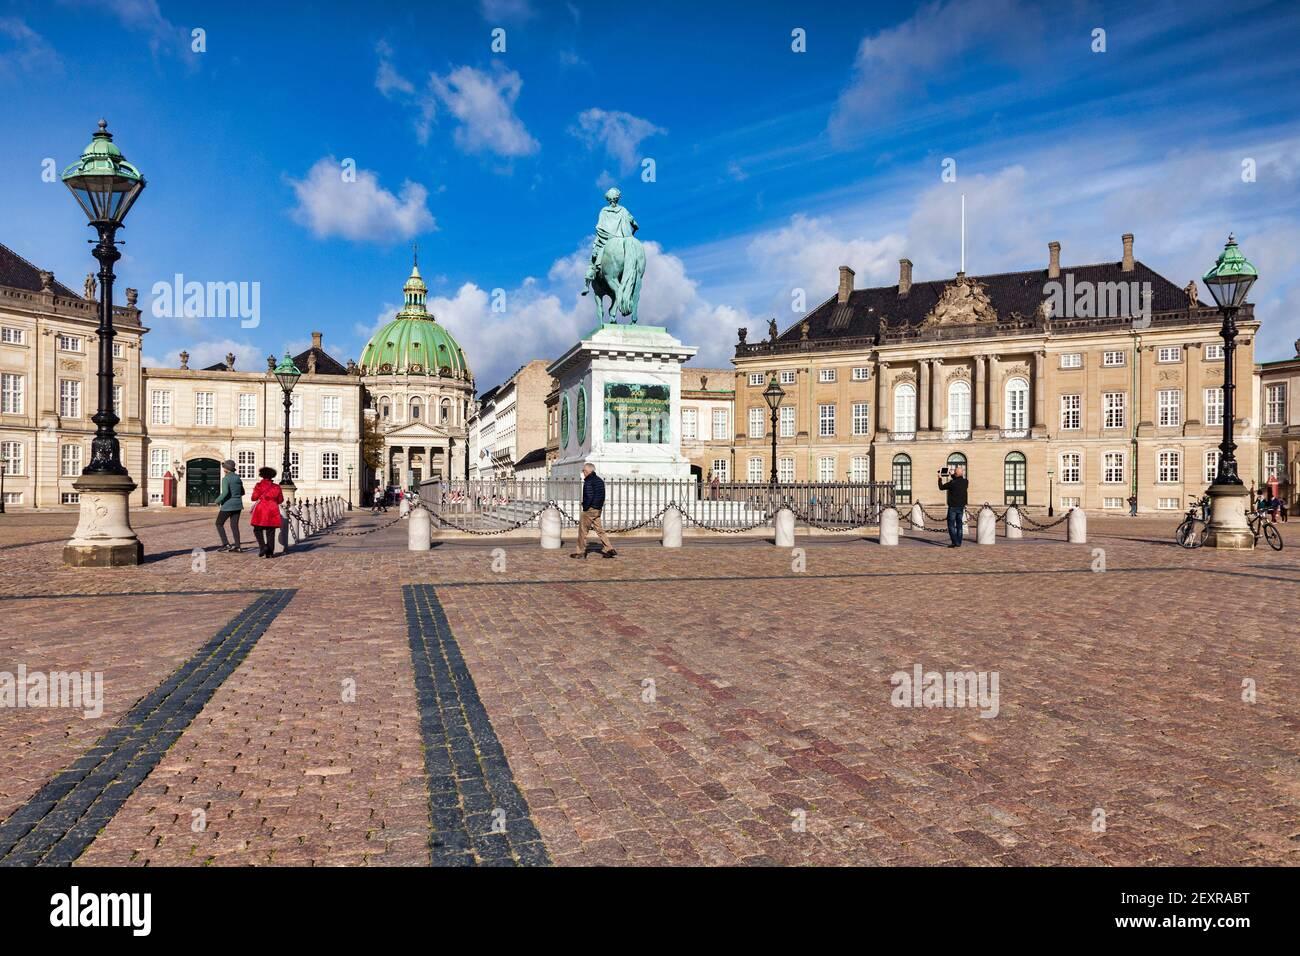 23 Septiembre 2018:Copenhague, Dinamarca - turistas que visitan la Plaza Amalienborg, con el Palacio Real, la estatua ecuestre de Frederik V, y th Foto de stock